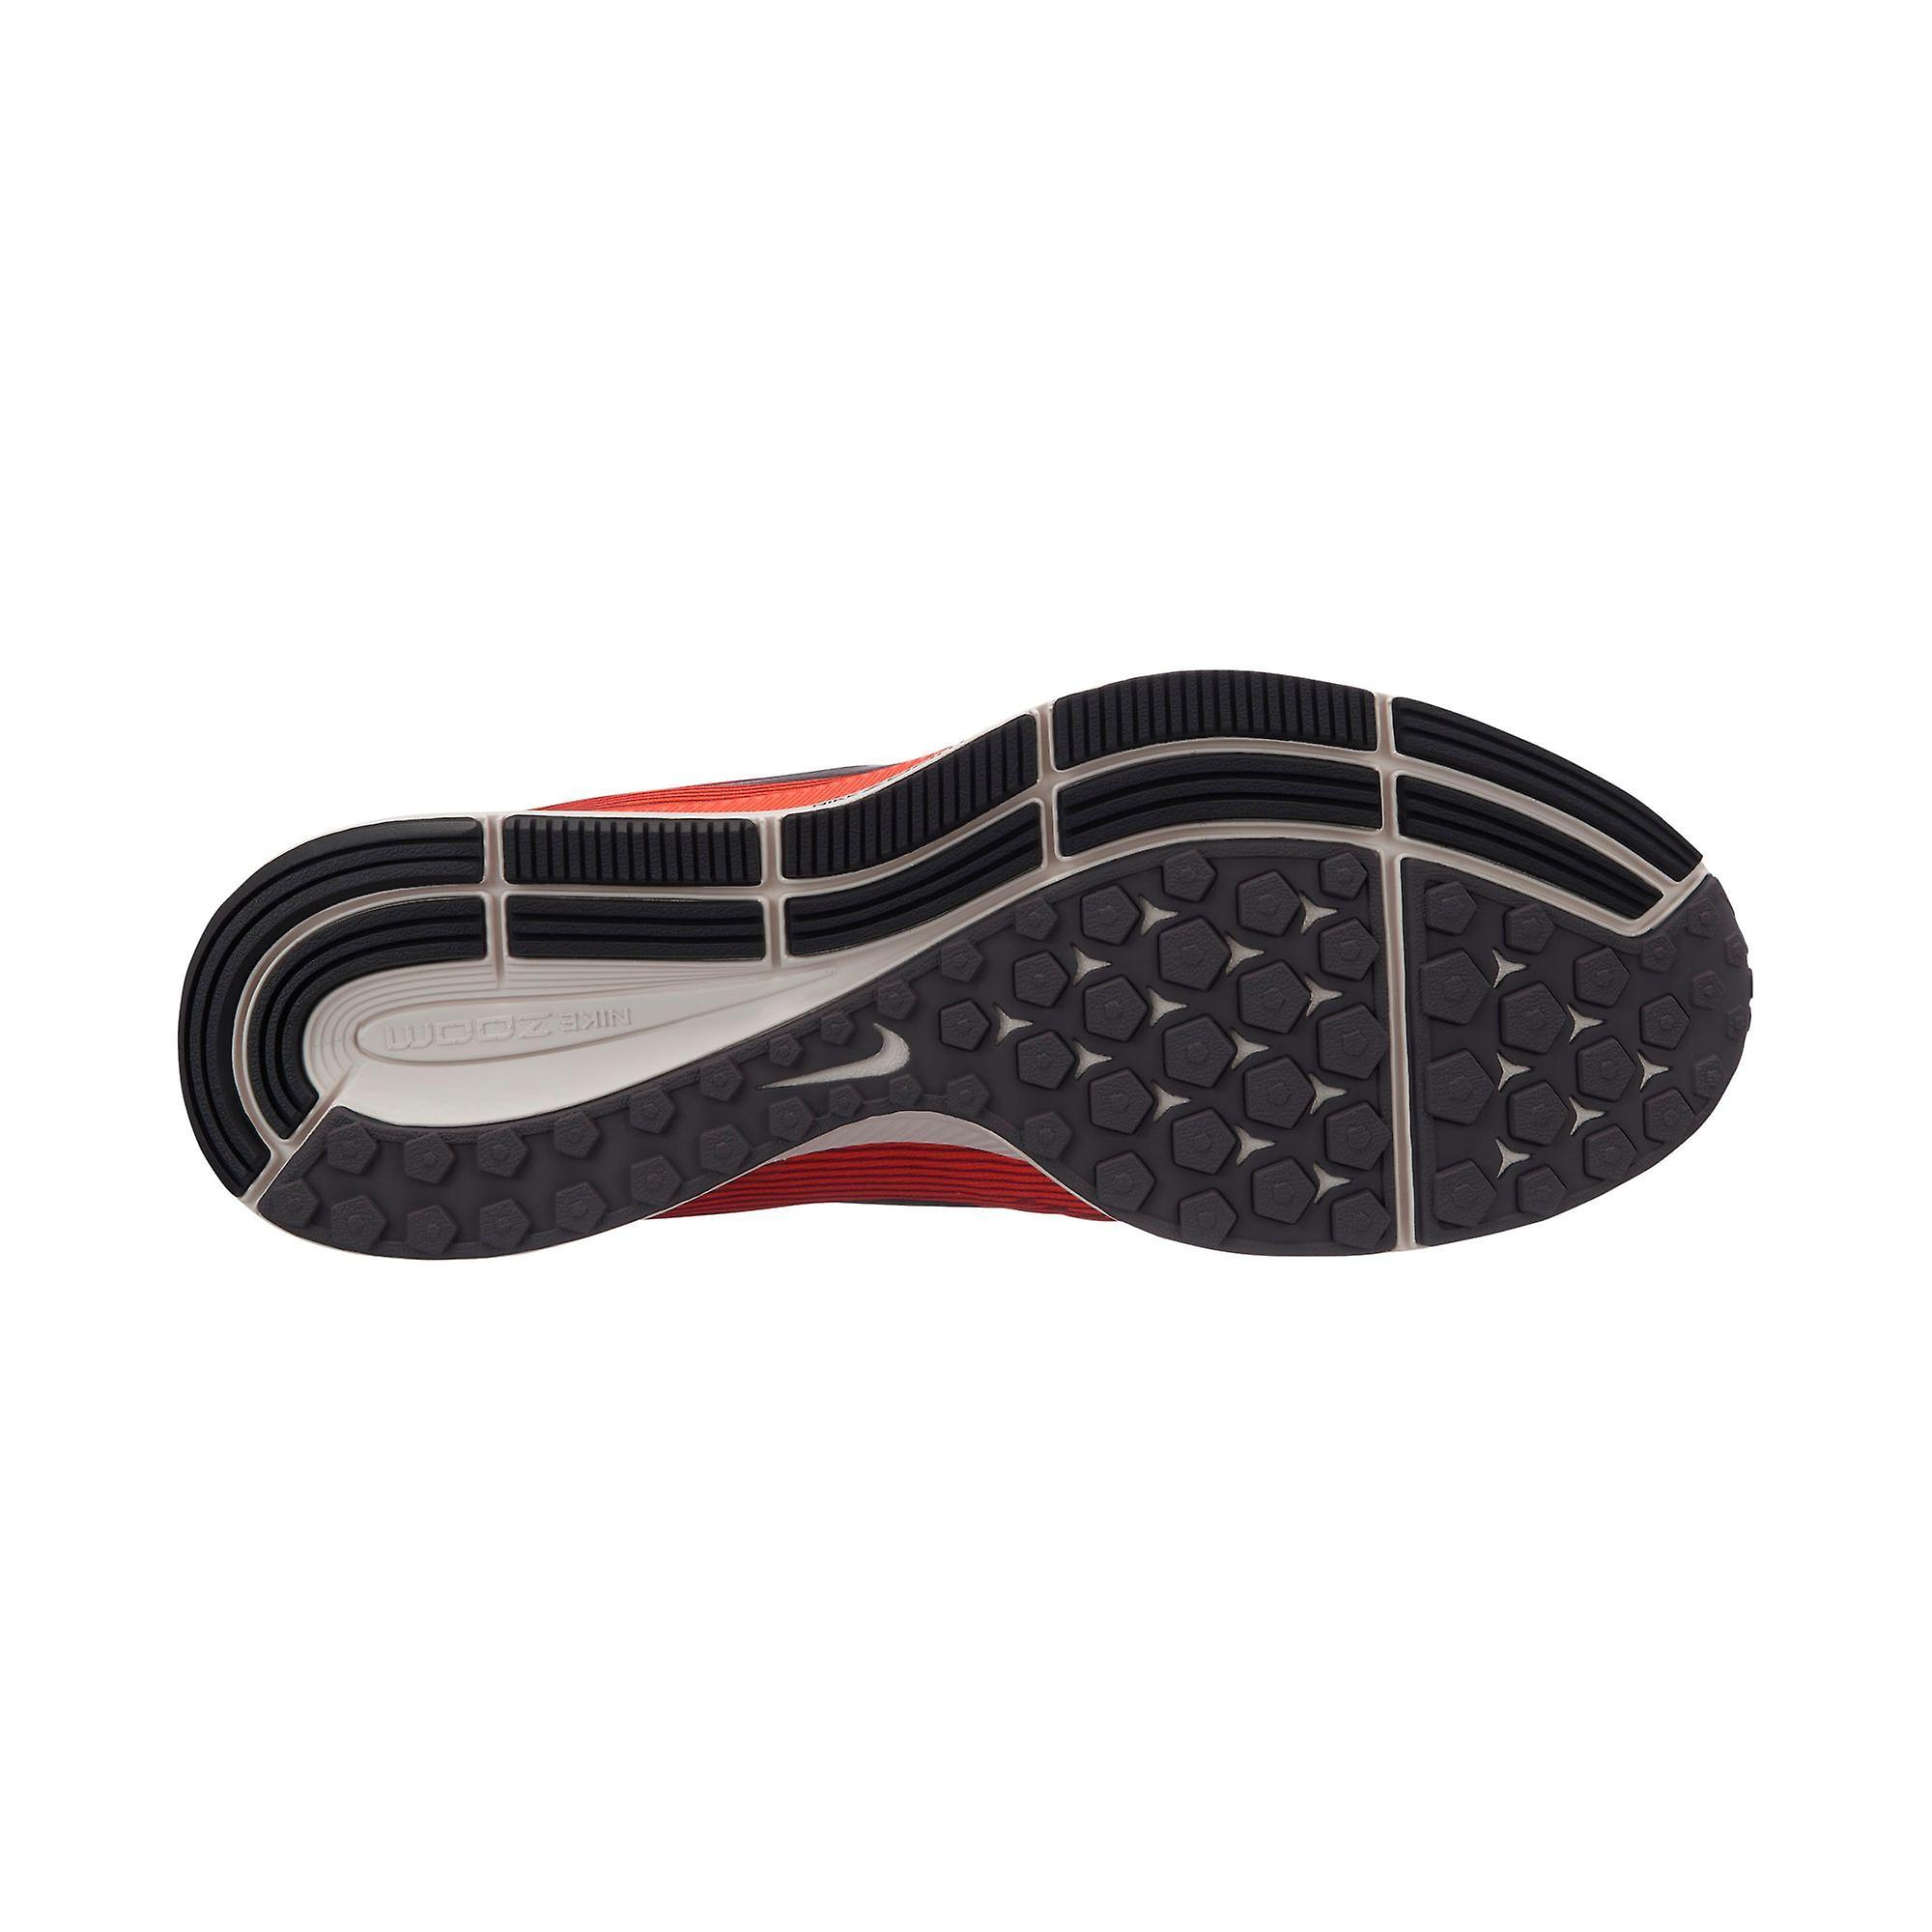 Nike Air Zoom Pegasus 34 880555 603 Herren Trainer